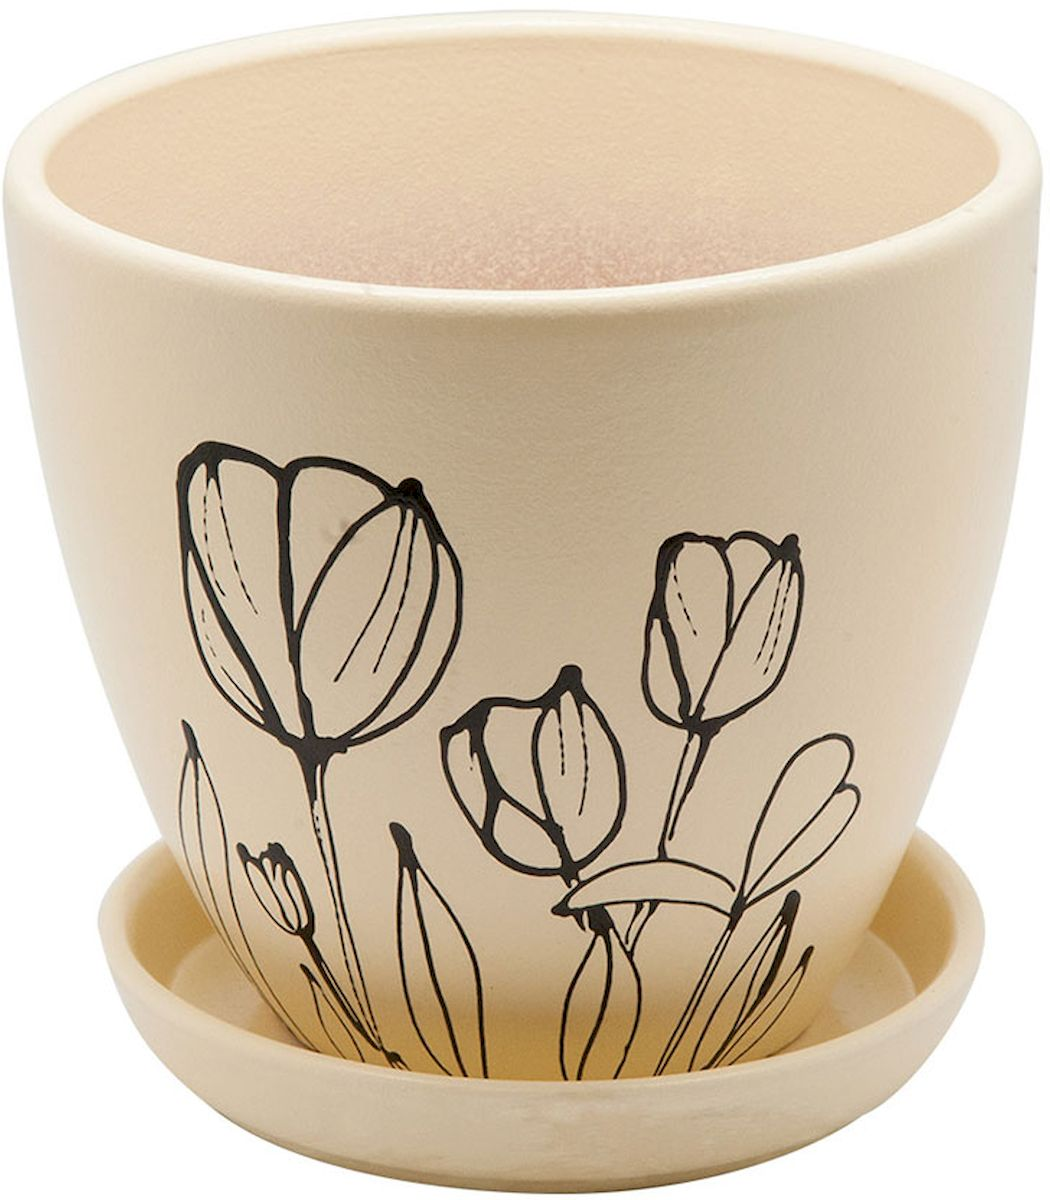 Горшок цветочный Engard, с поддоном, 1,4 л. BH-23-1BH-23-1Керамический горшок Engard - это идеальное решение для выращивания комнатных растений и создания изысканности в интерьере. Керамический горшок сделан из высококачественной глины в классической форме и оригинальном дизайне.Объем: 1,4 л.